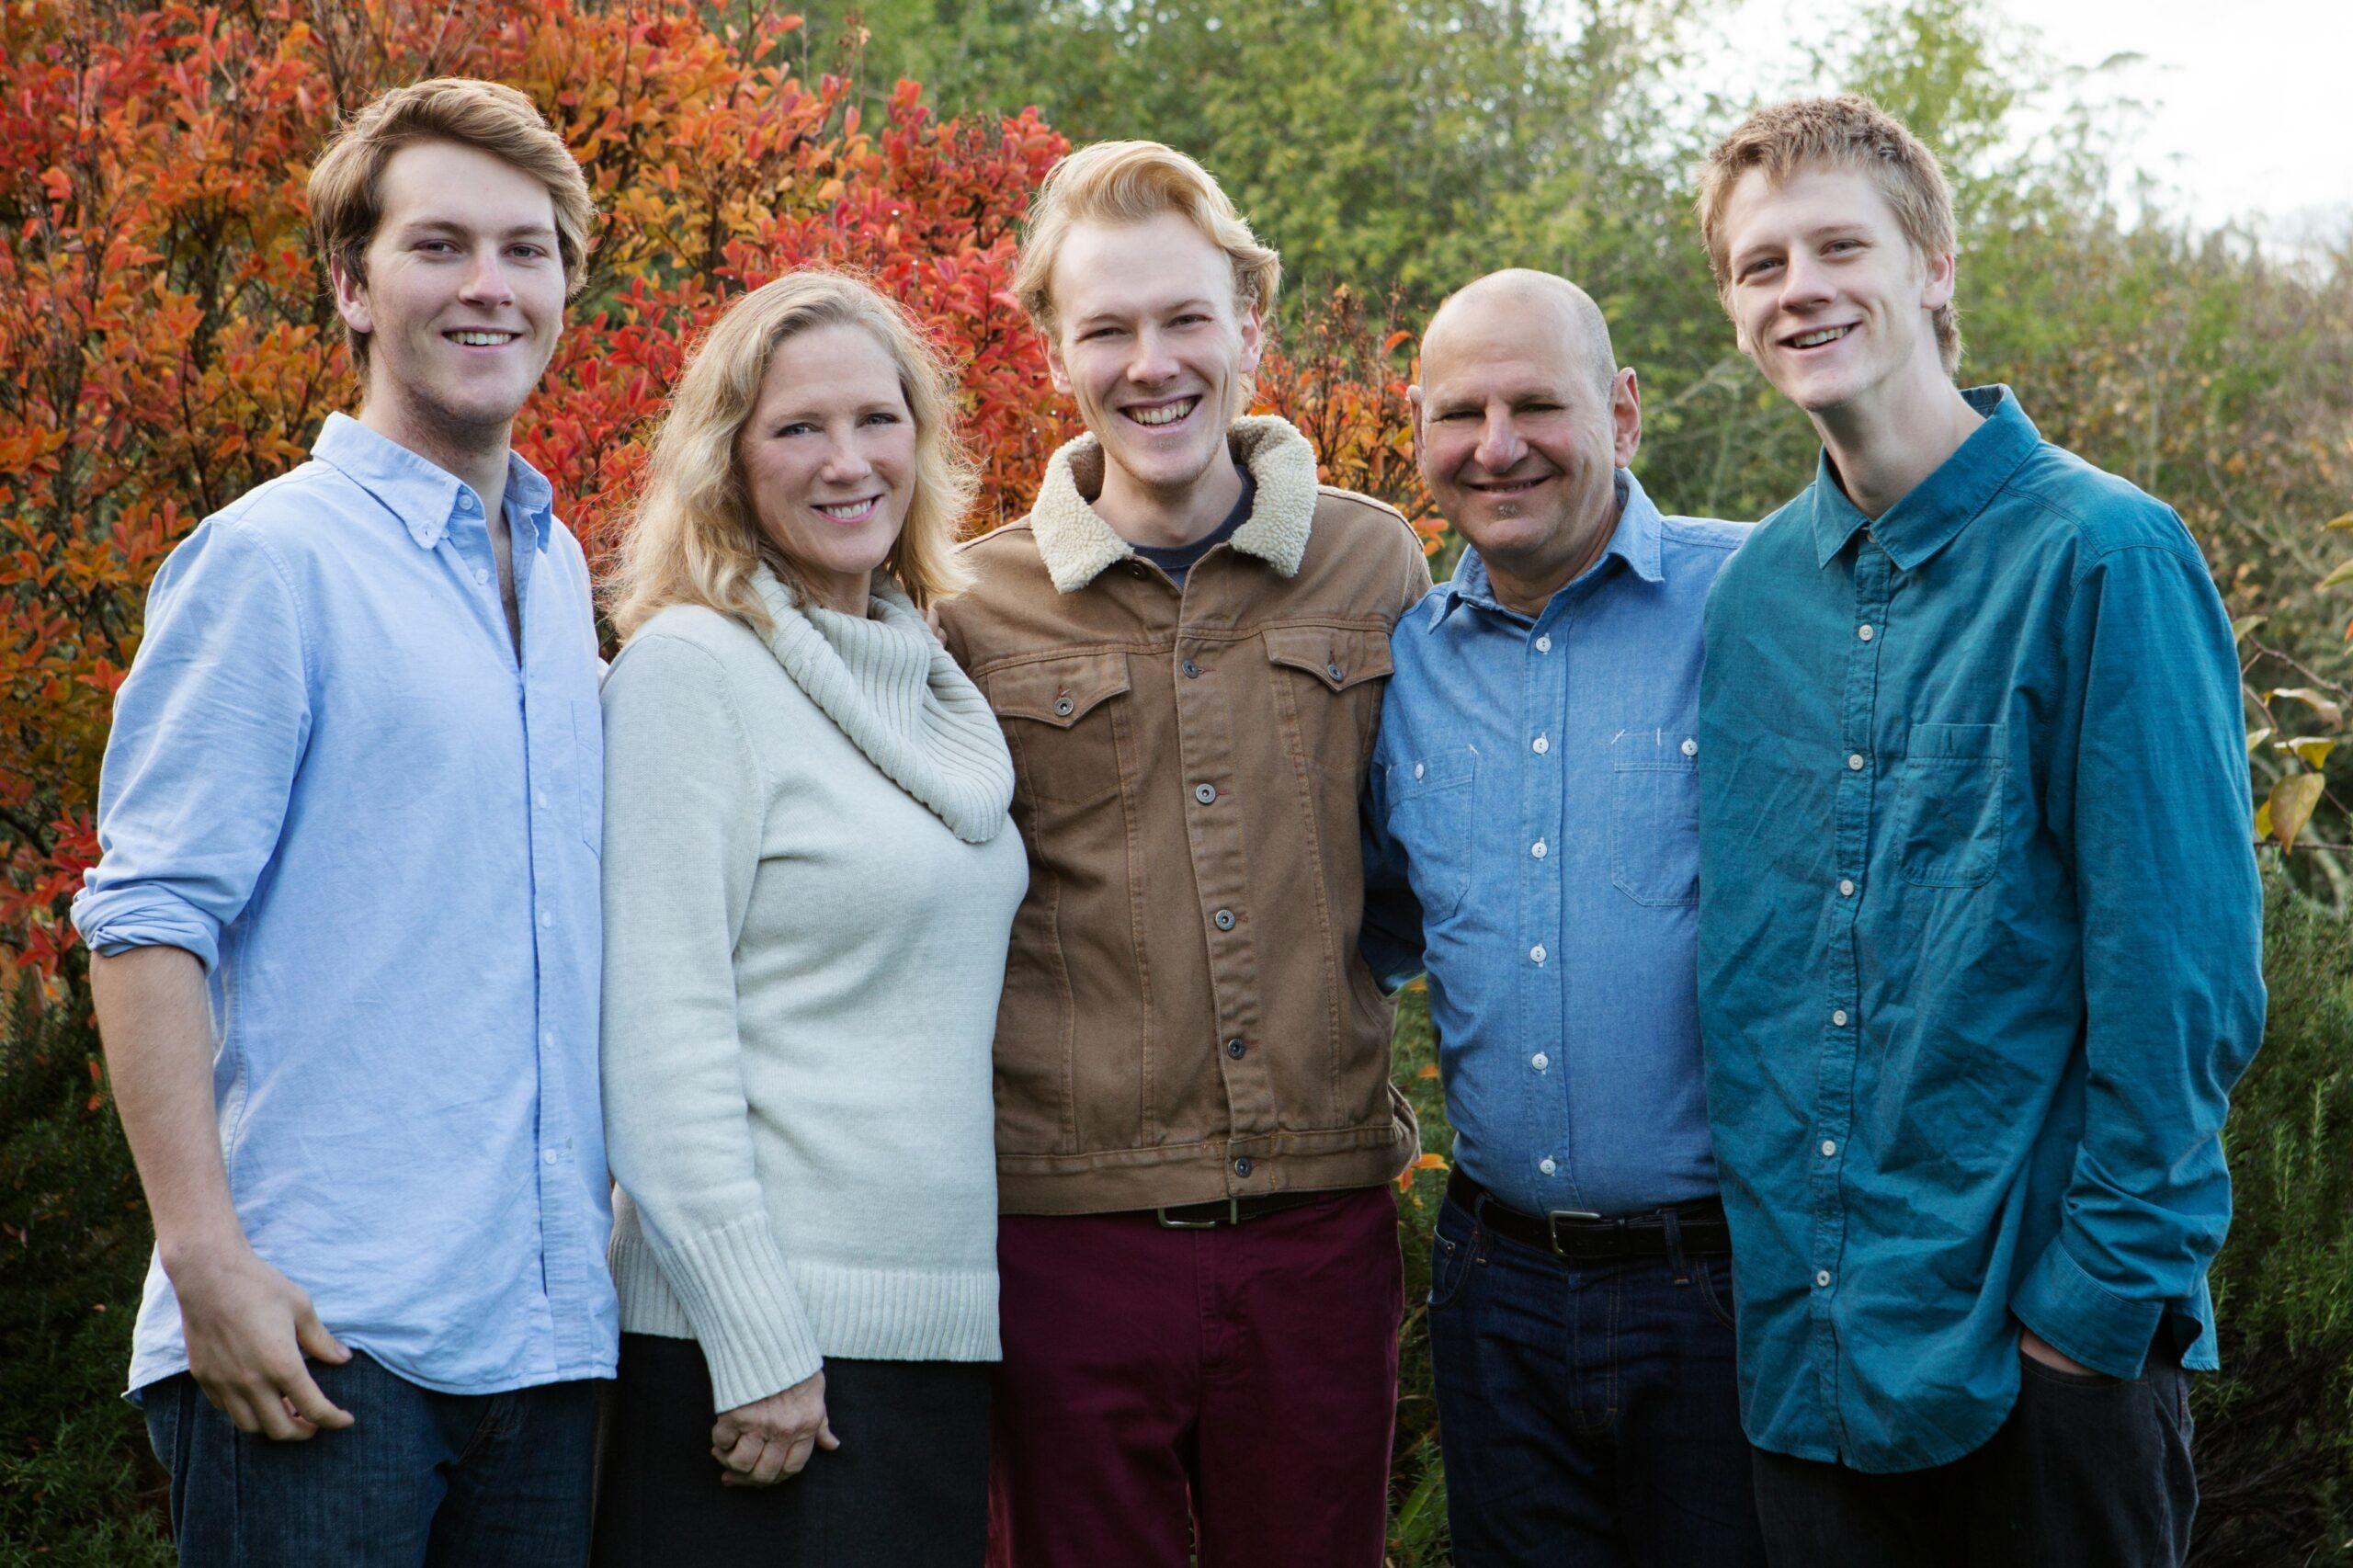 Halleck Family